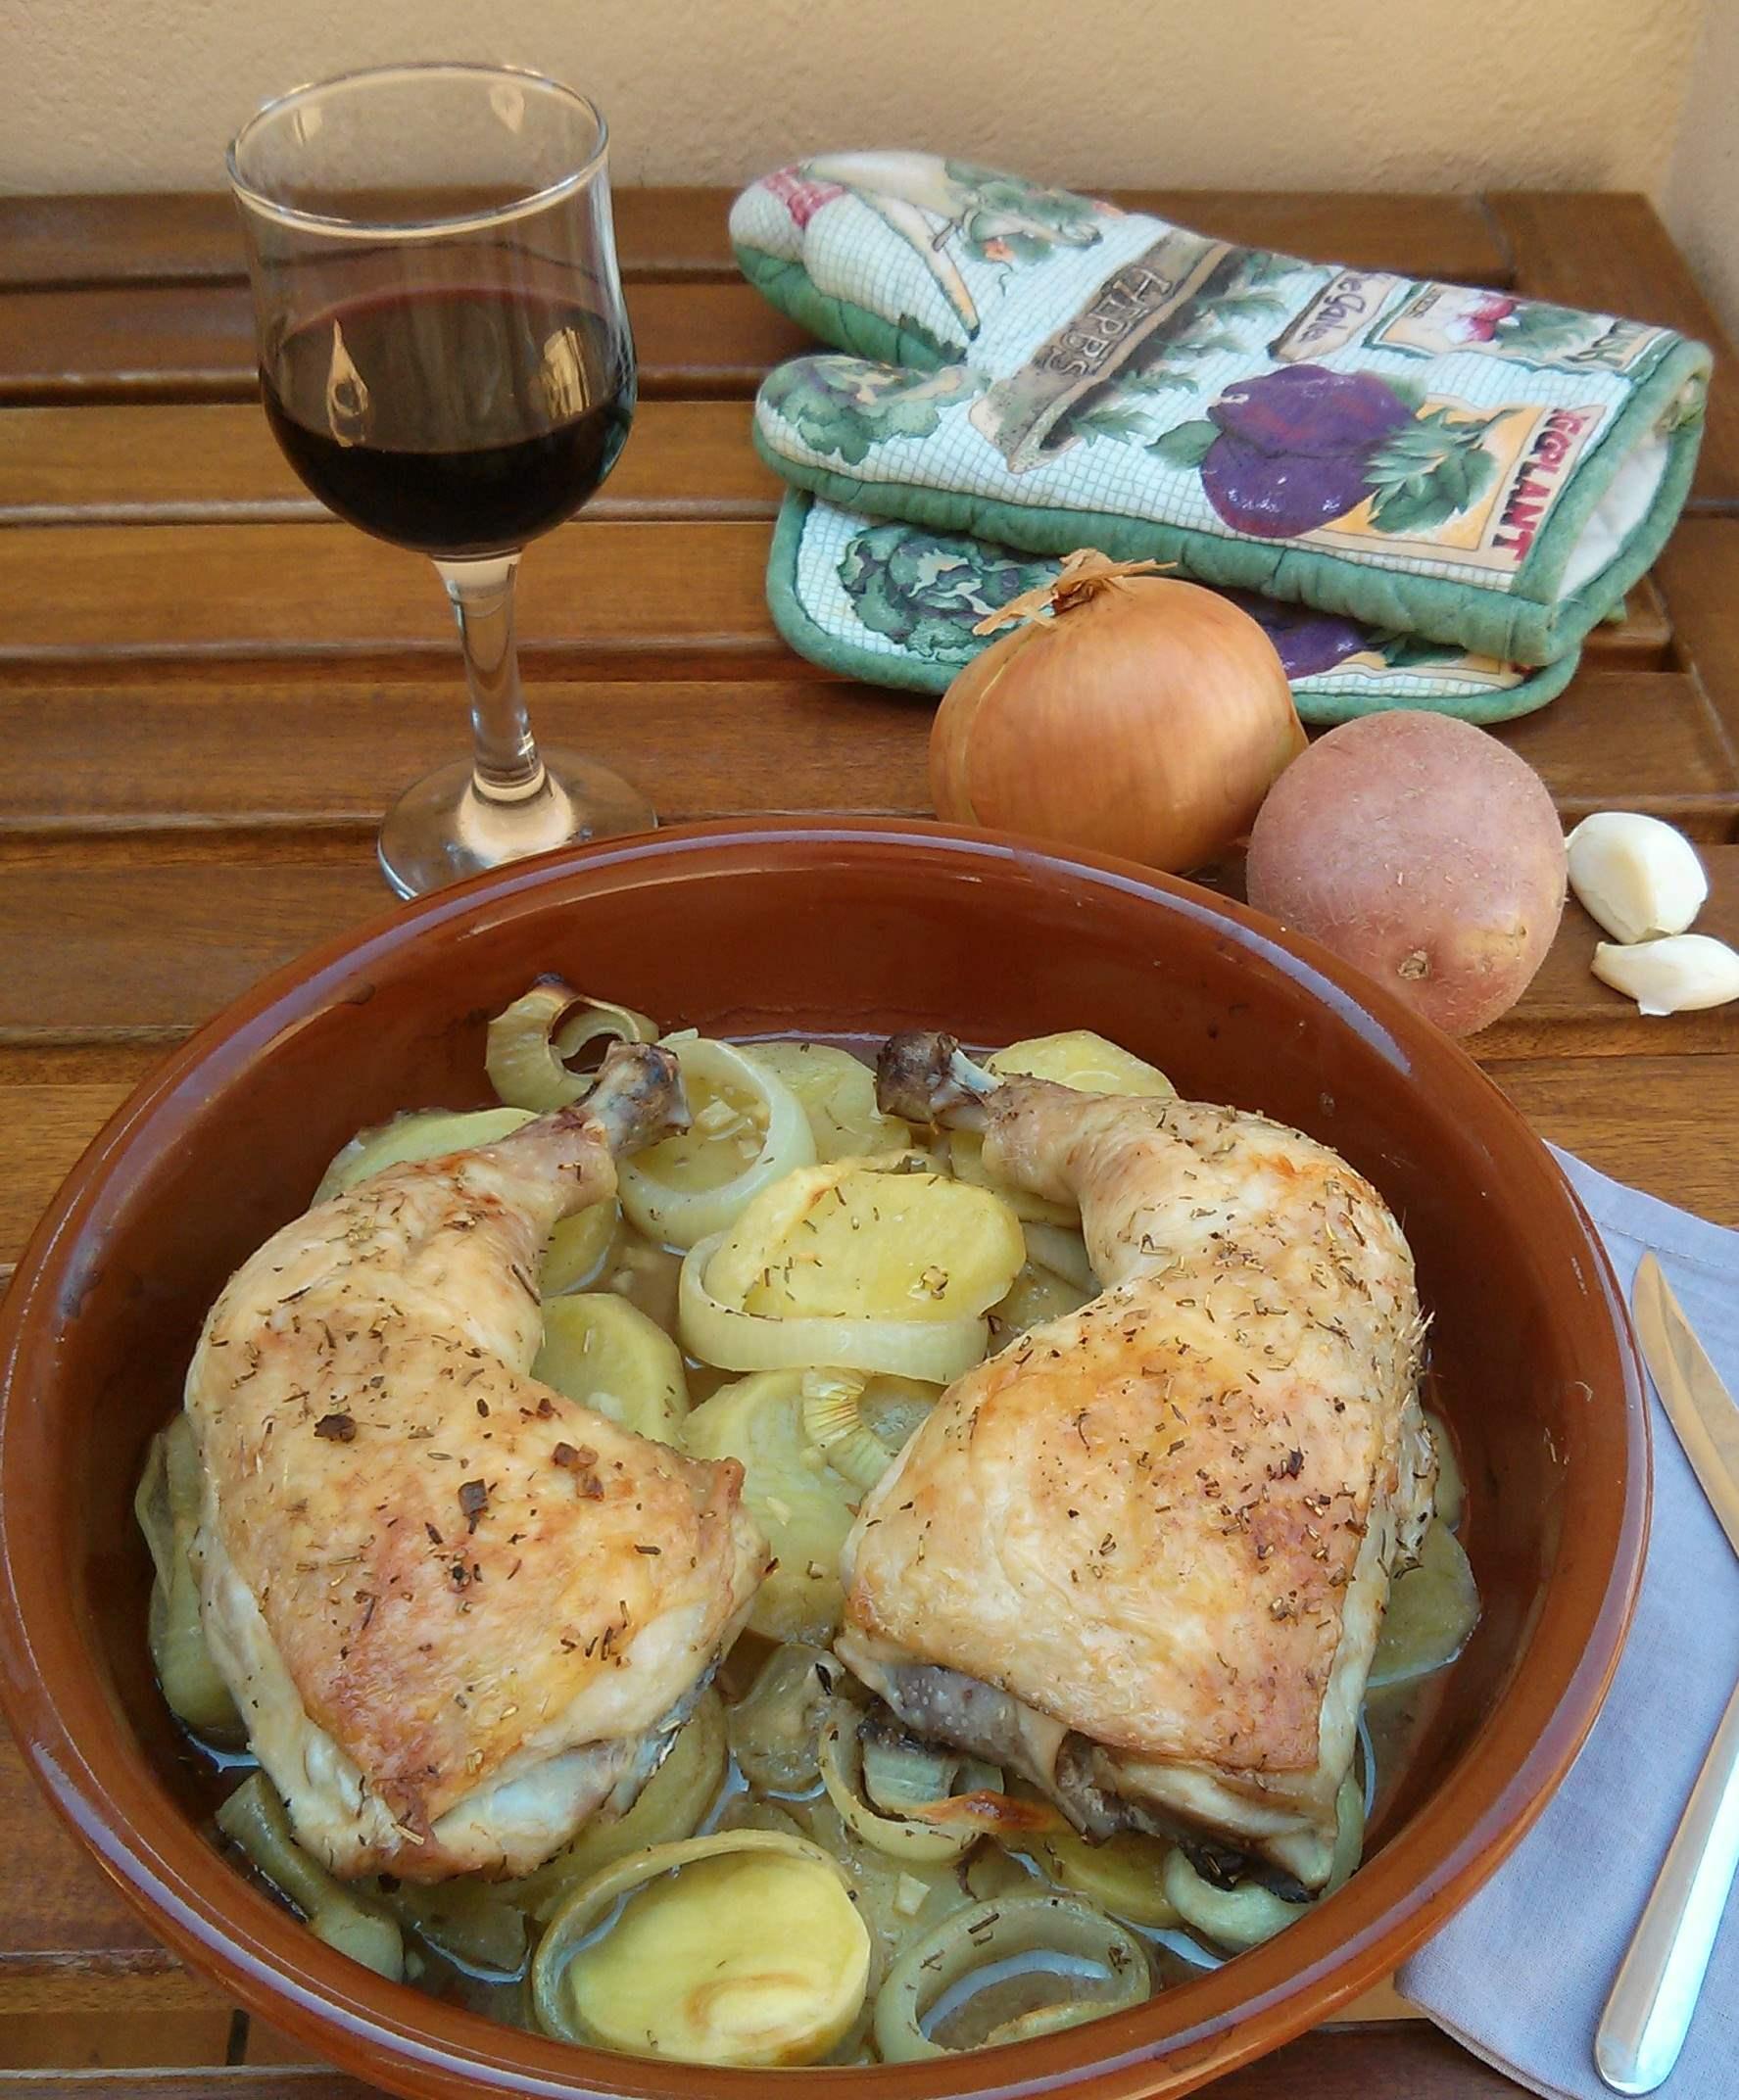 Pollo al horno con patatas y cebolla no mata engorda - Pollo al horno con limon y patatas ...